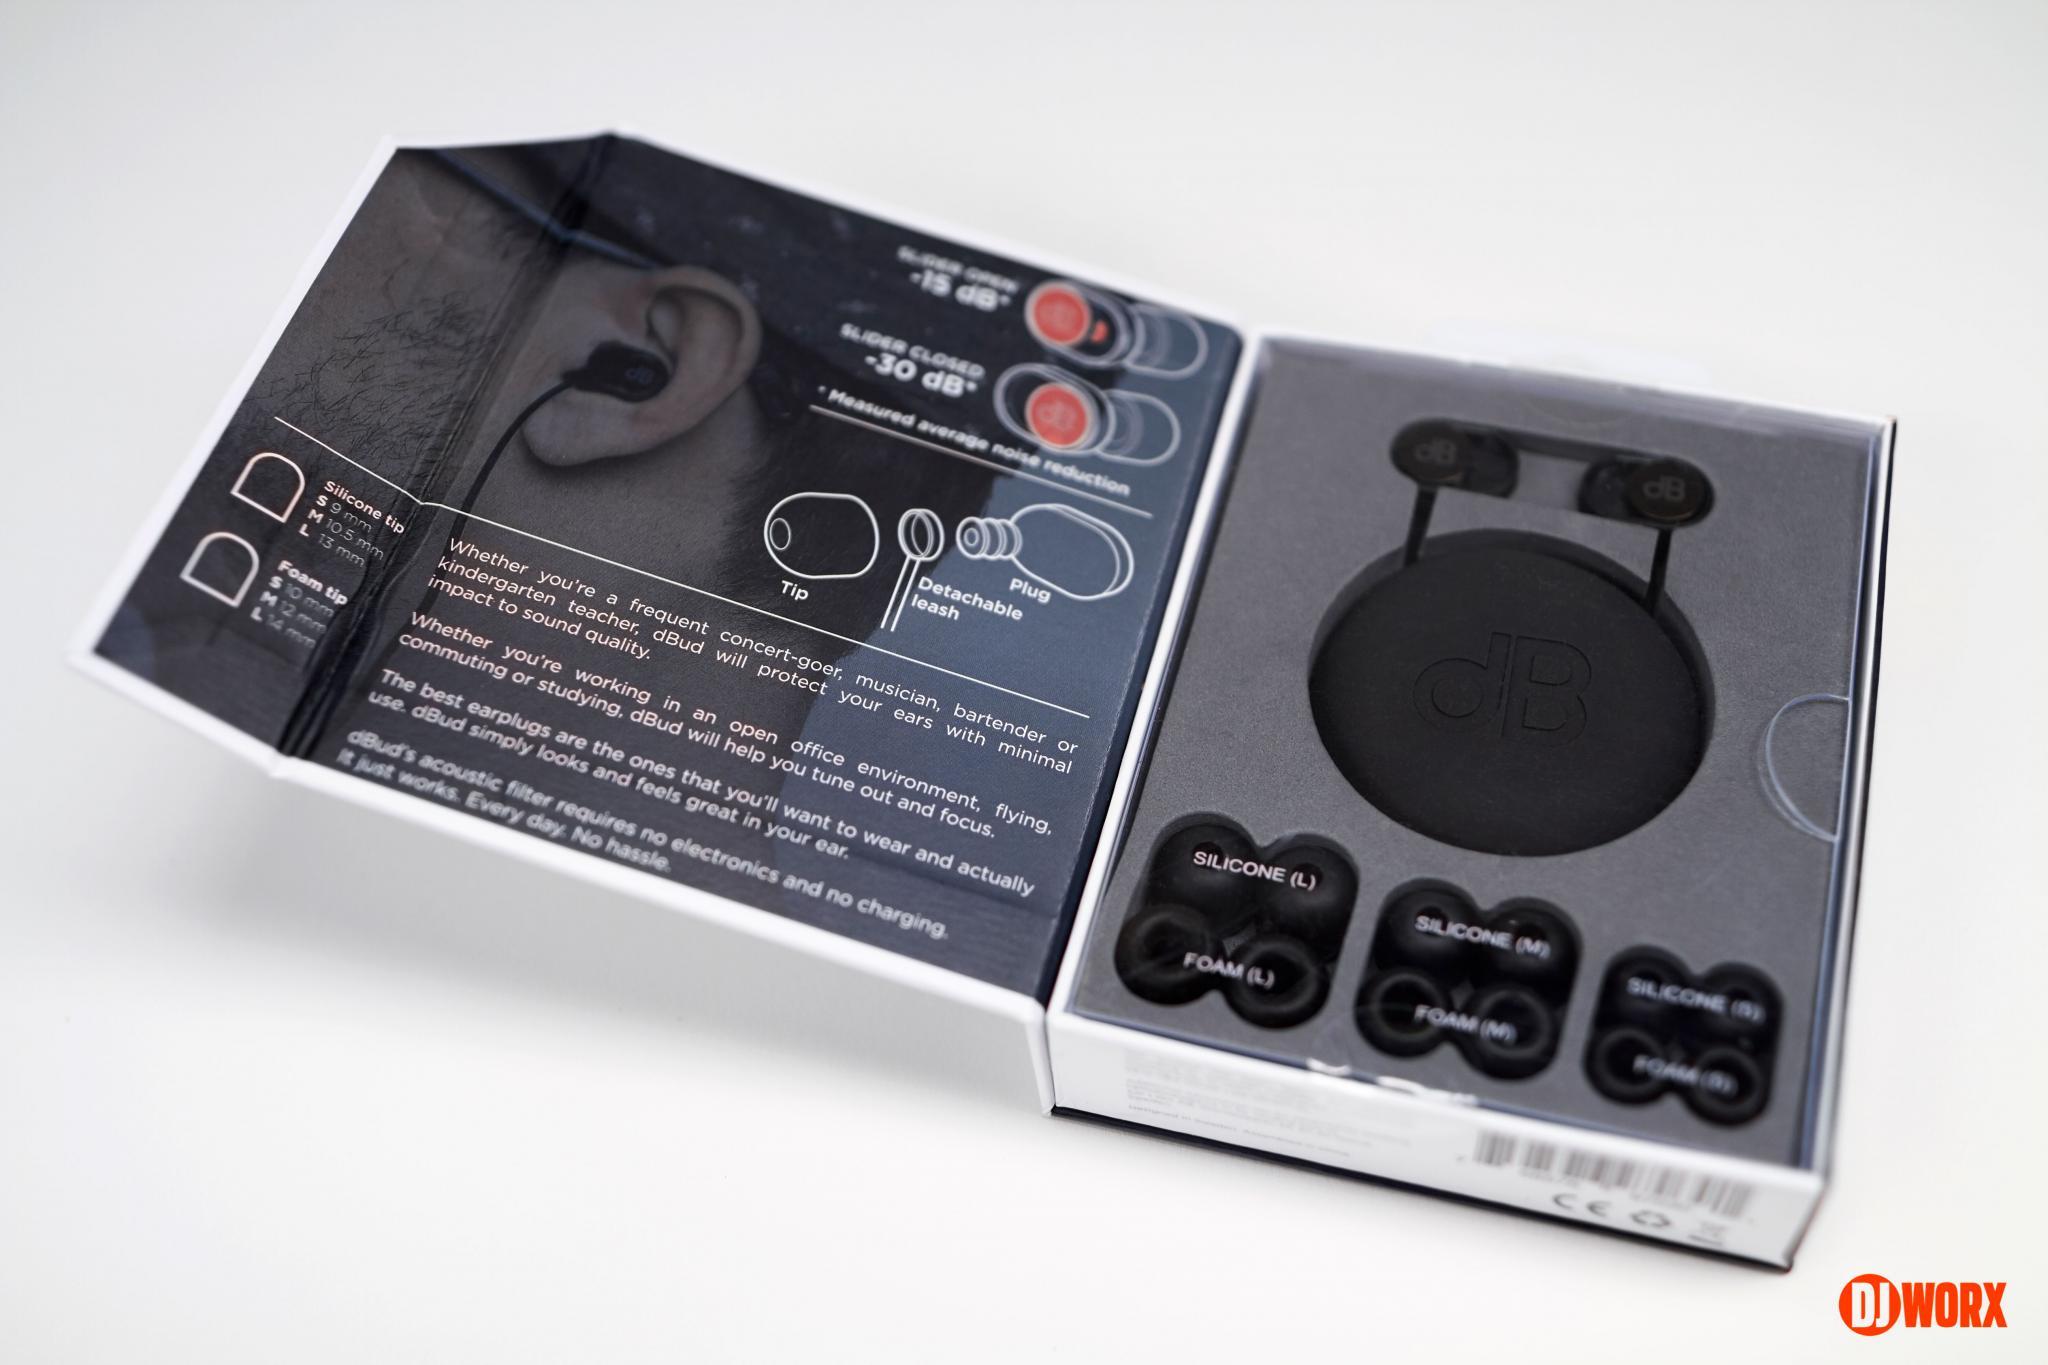 REVIEW: EarLabs dBud Volume Adjustable Earplugs 3